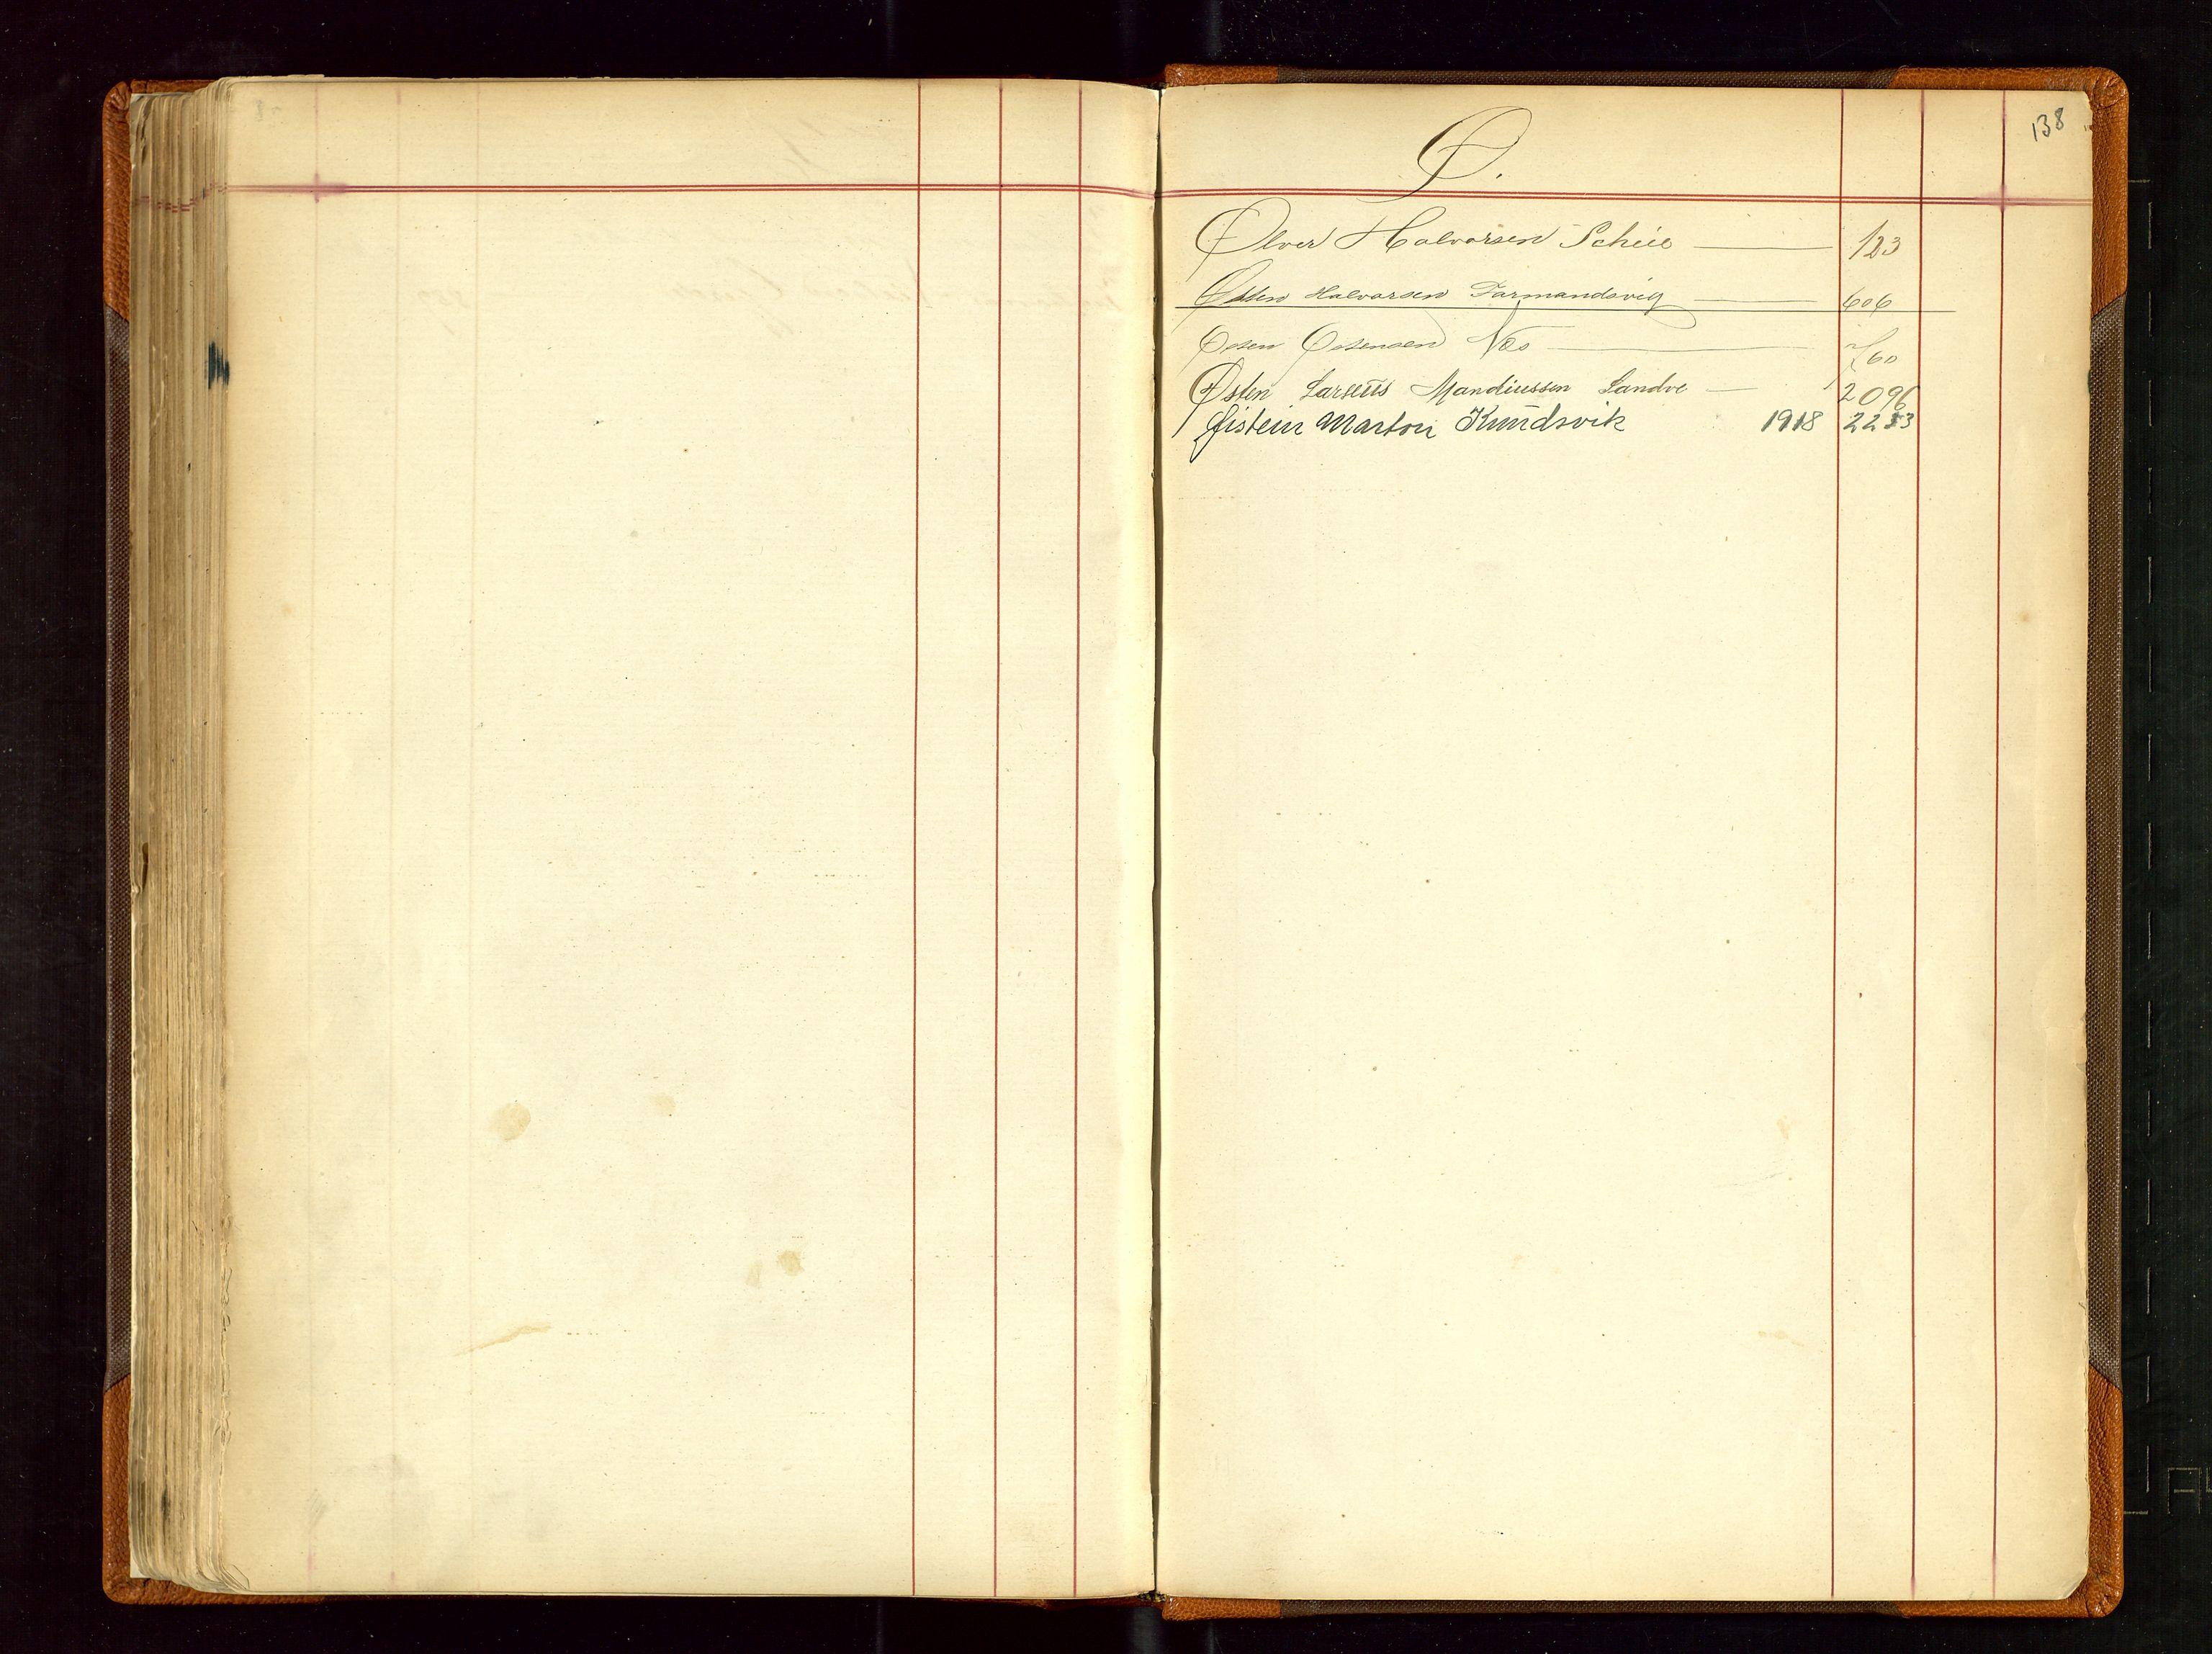 SAST, Haugesund sjømannskontor, F/Fb/Fba/L0001: Navneregister med henvisning til rullenr (Fornavn) Skudenes krets, 1860-1948, s. 138